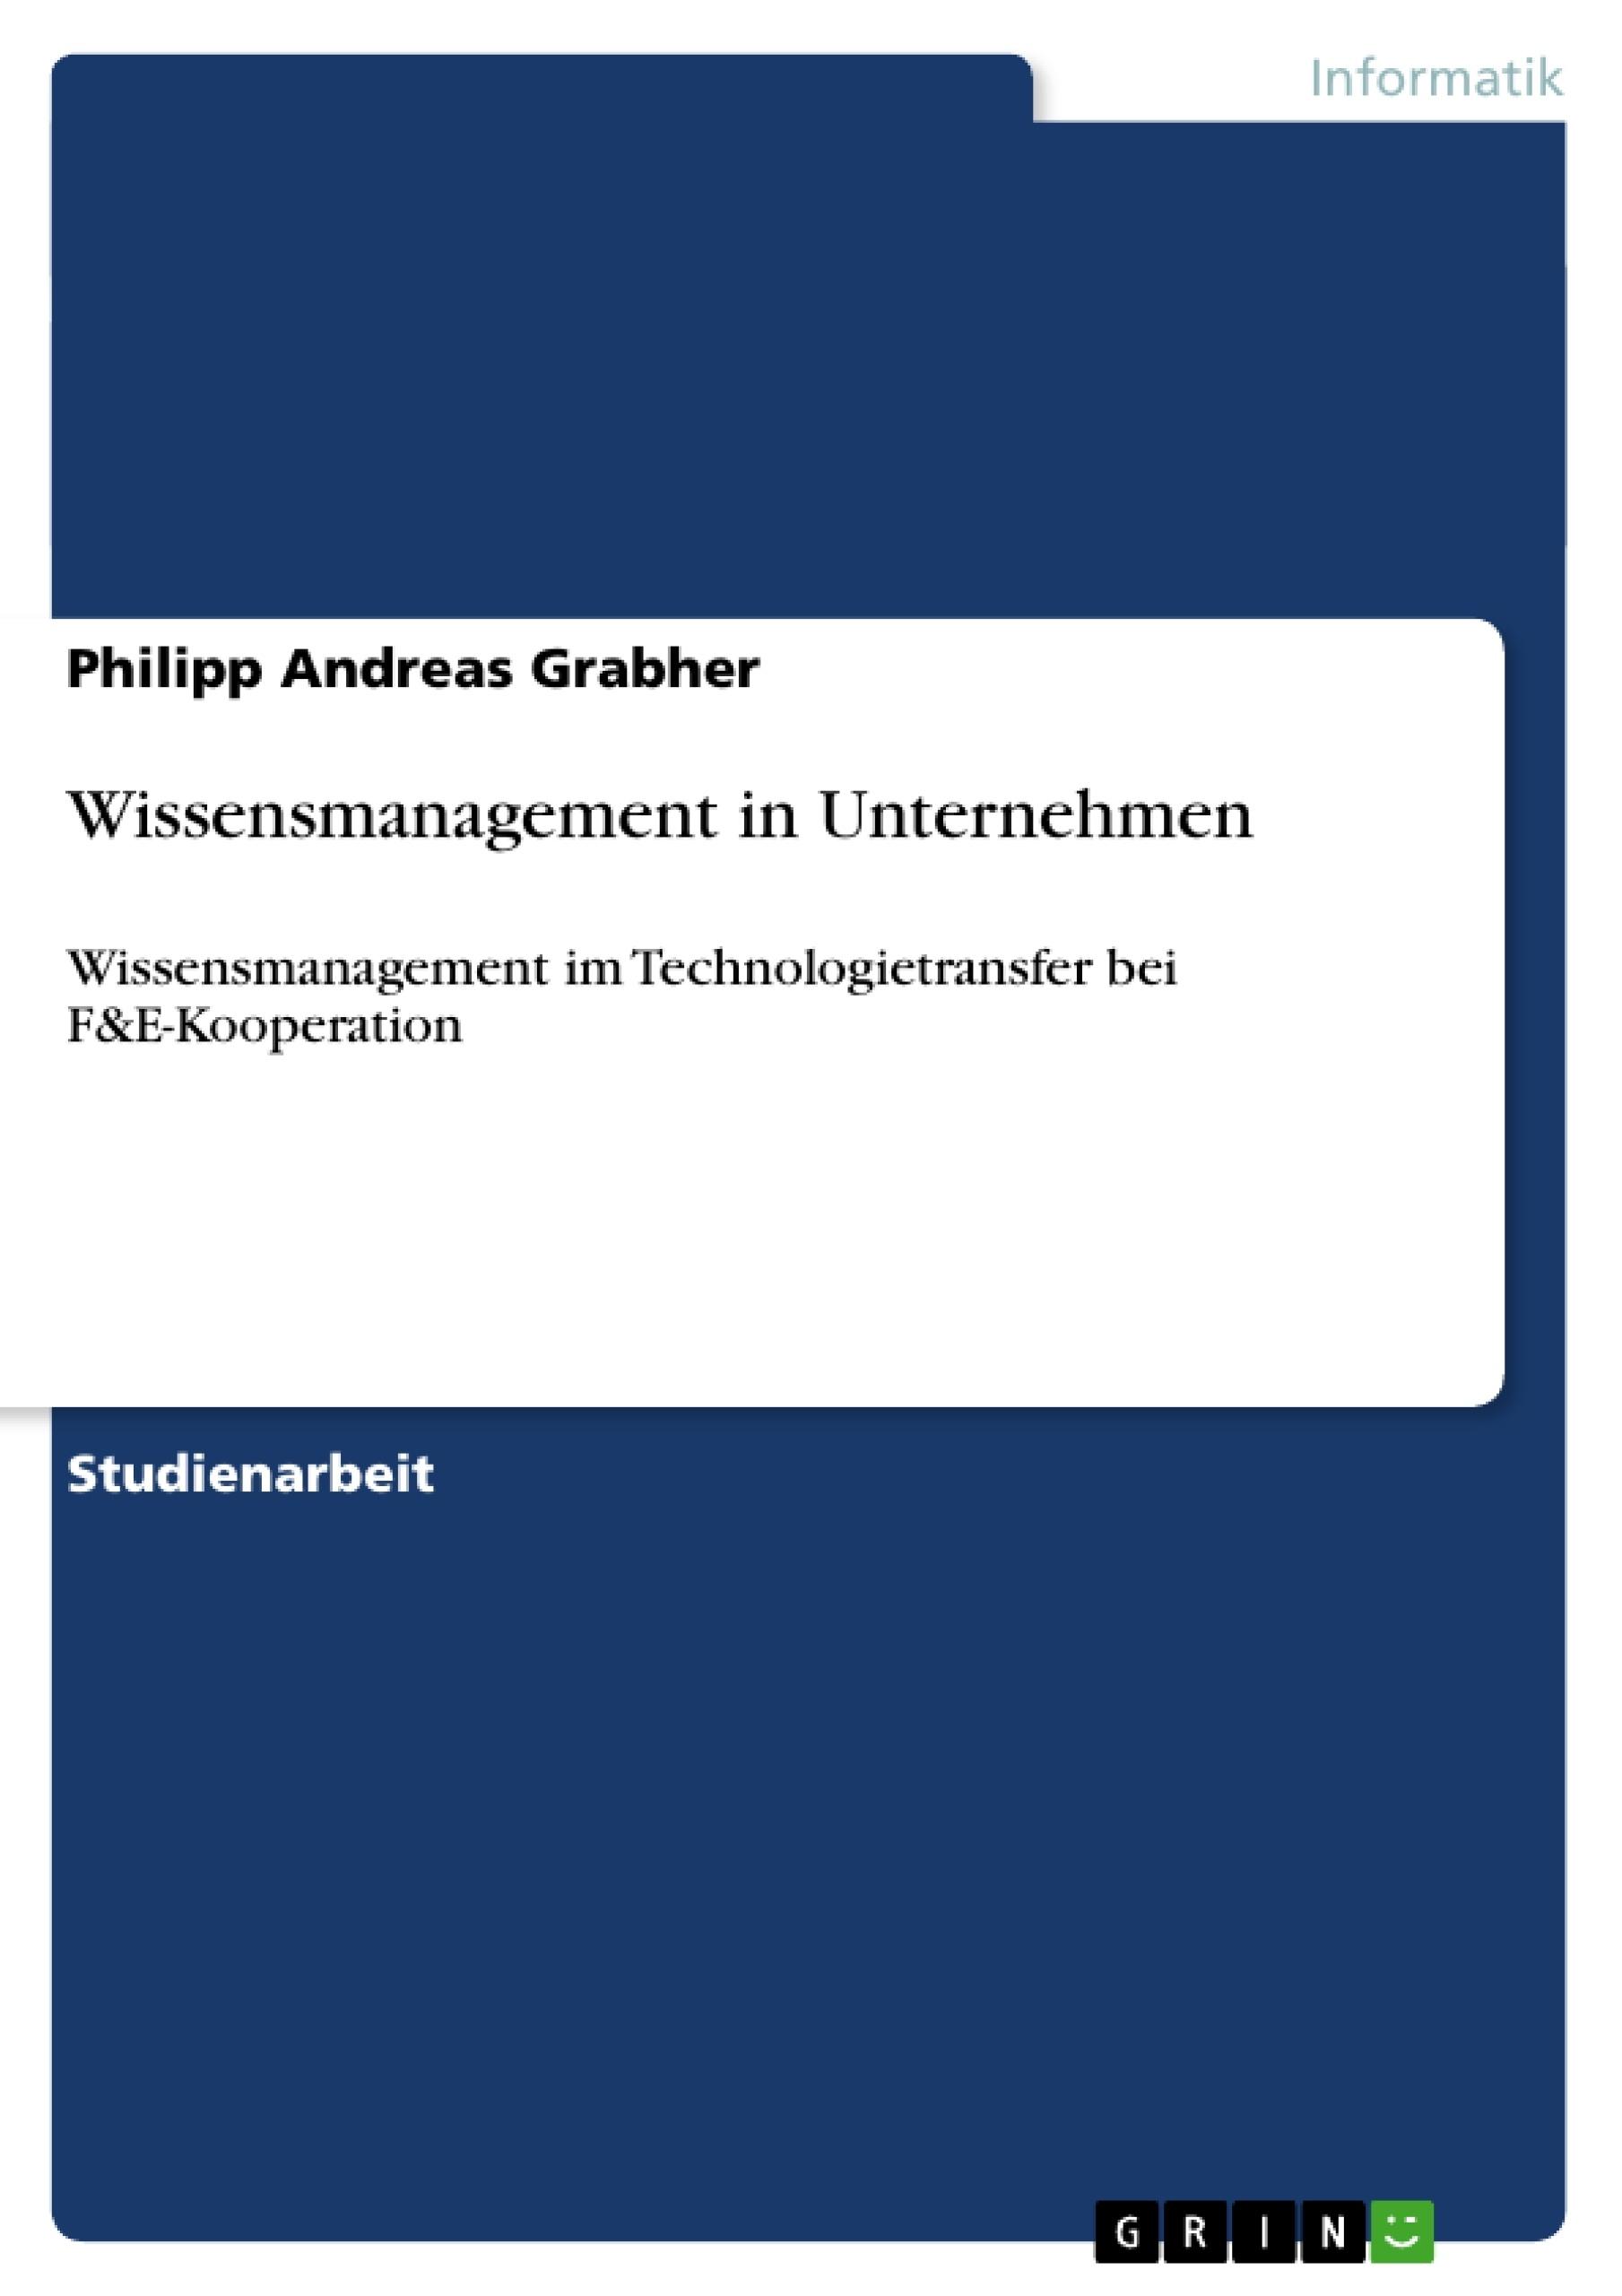 Titel: Wissensmanagement in Unternehmen